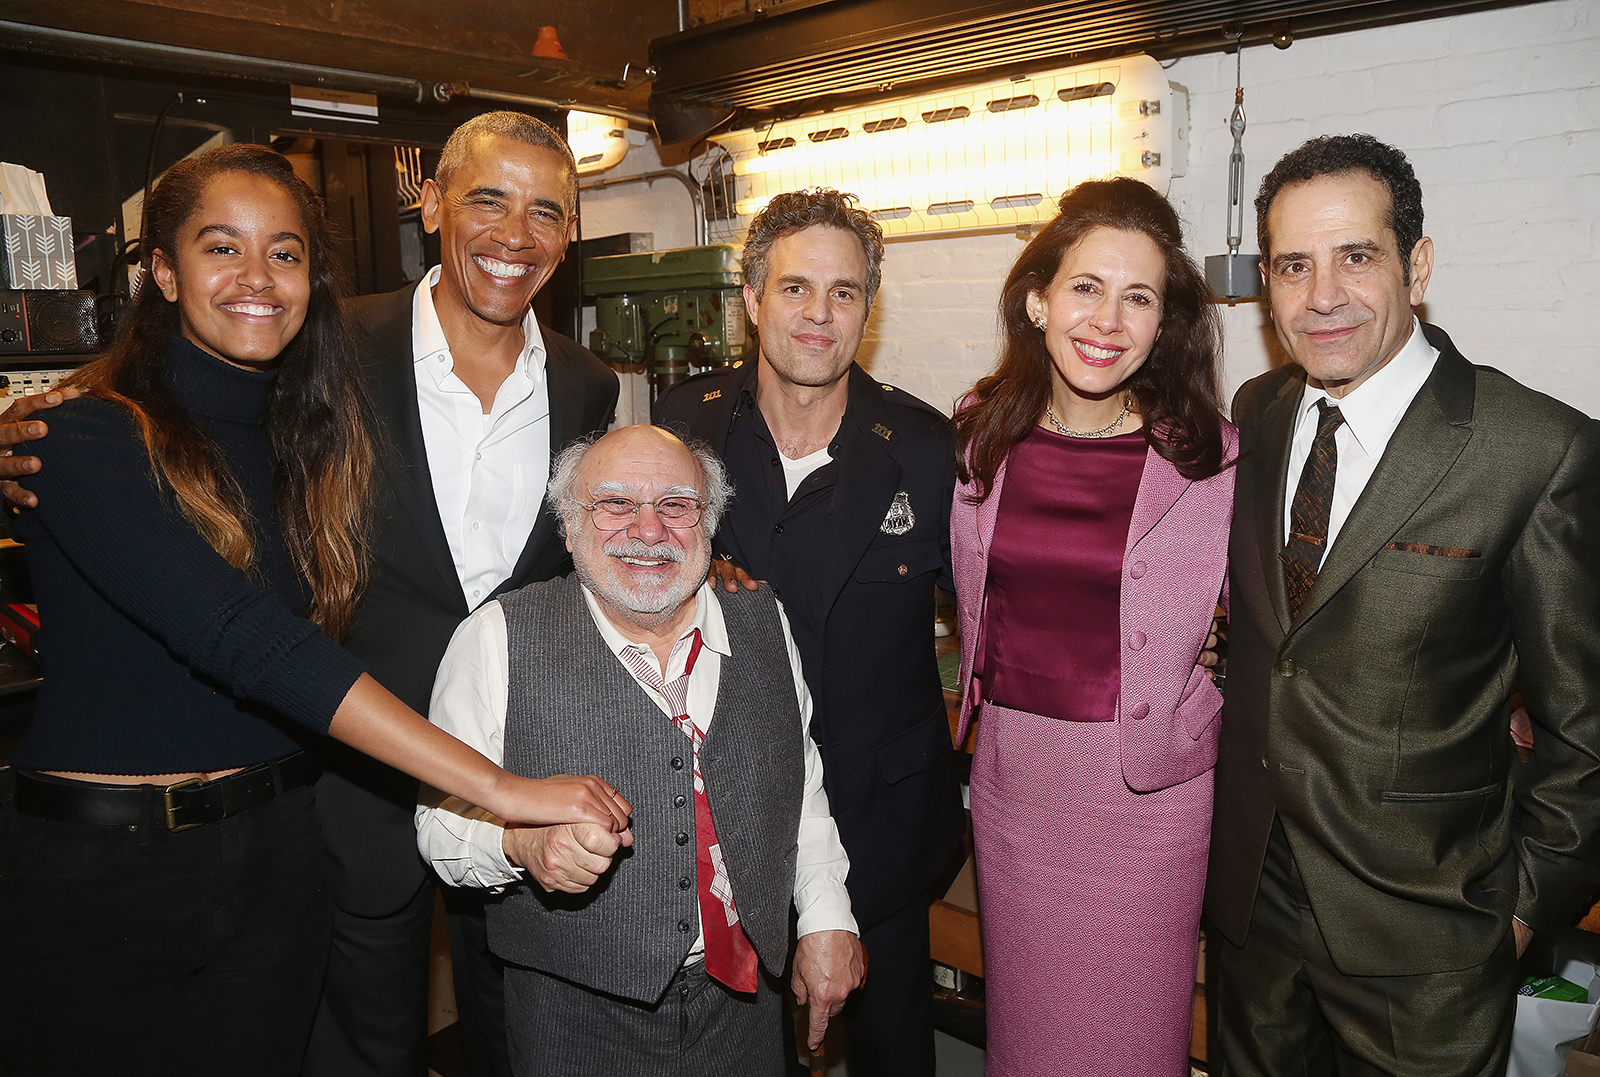 Malia and President Barack Obama with Danny DeVito, Mark Ruffalo, Jessica Hecht and Tony Shalhoub